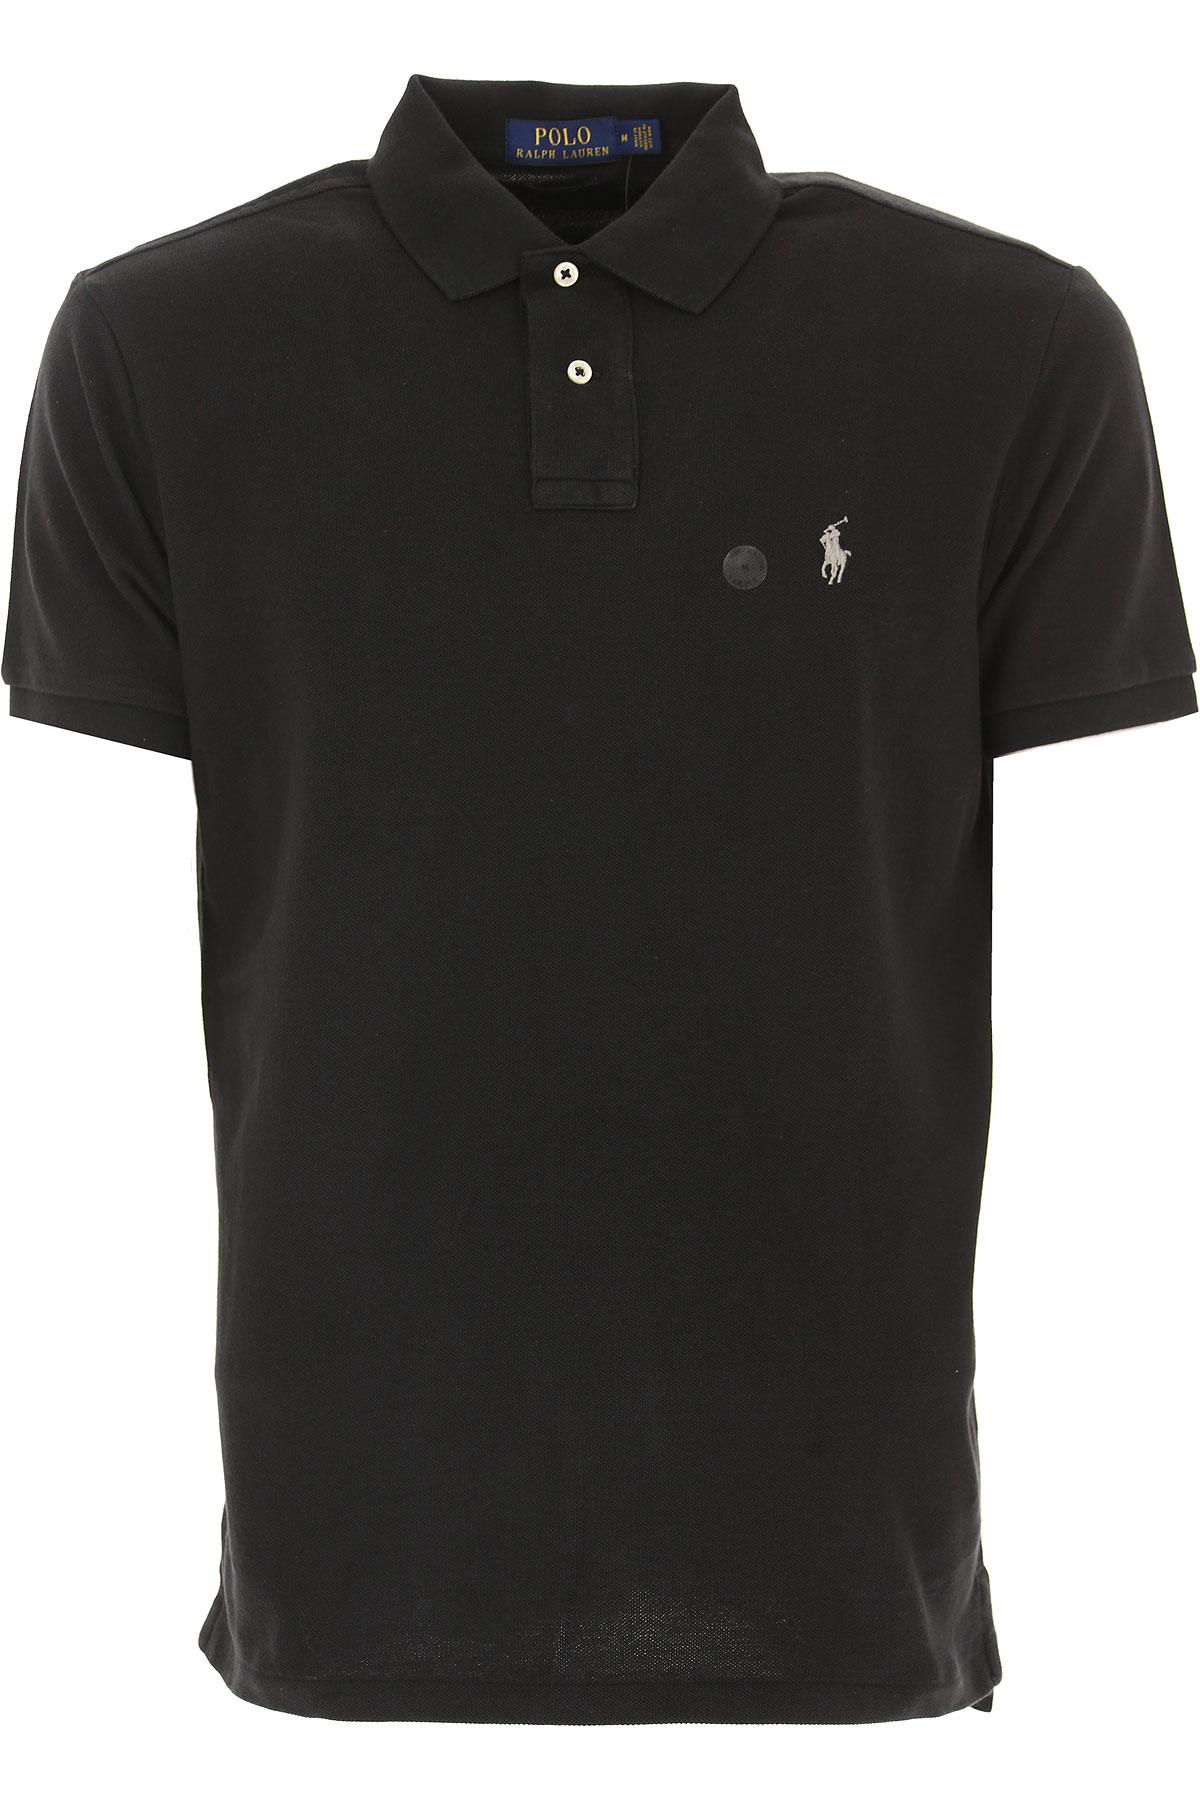 Ralph Lauren Polo Shirt for Men, Black, Cotton, 2017, L M S XL USA-444293